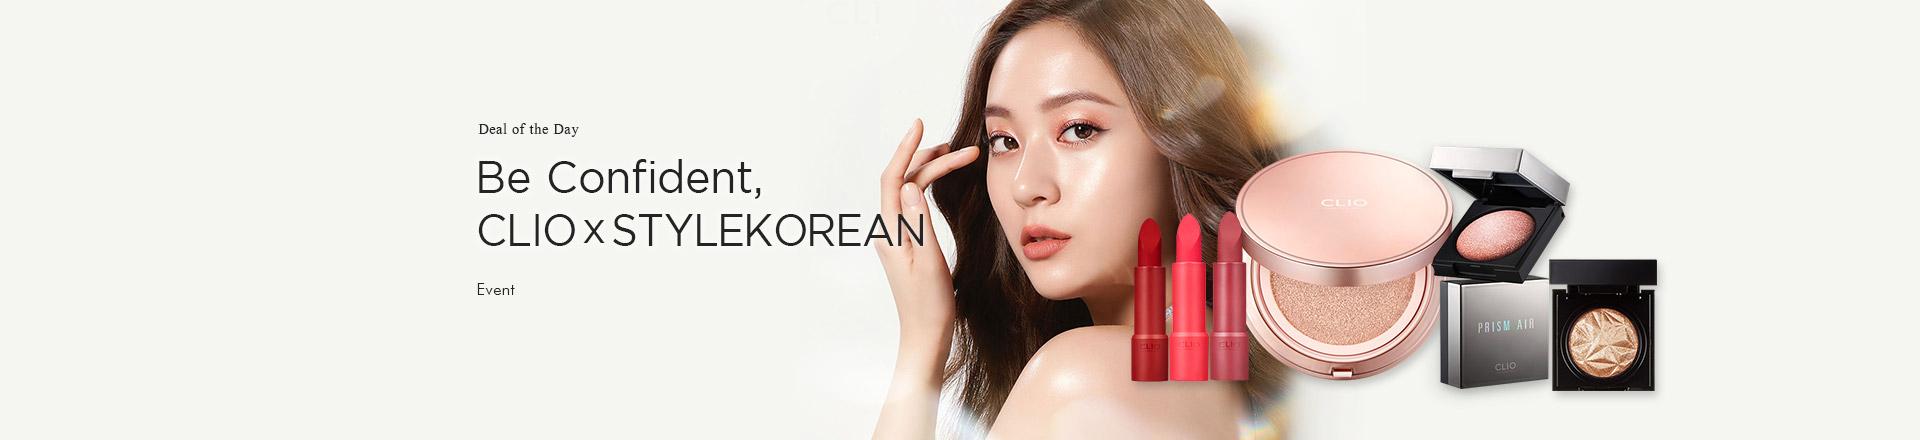 CLIO x STYLEKOREAN.COM